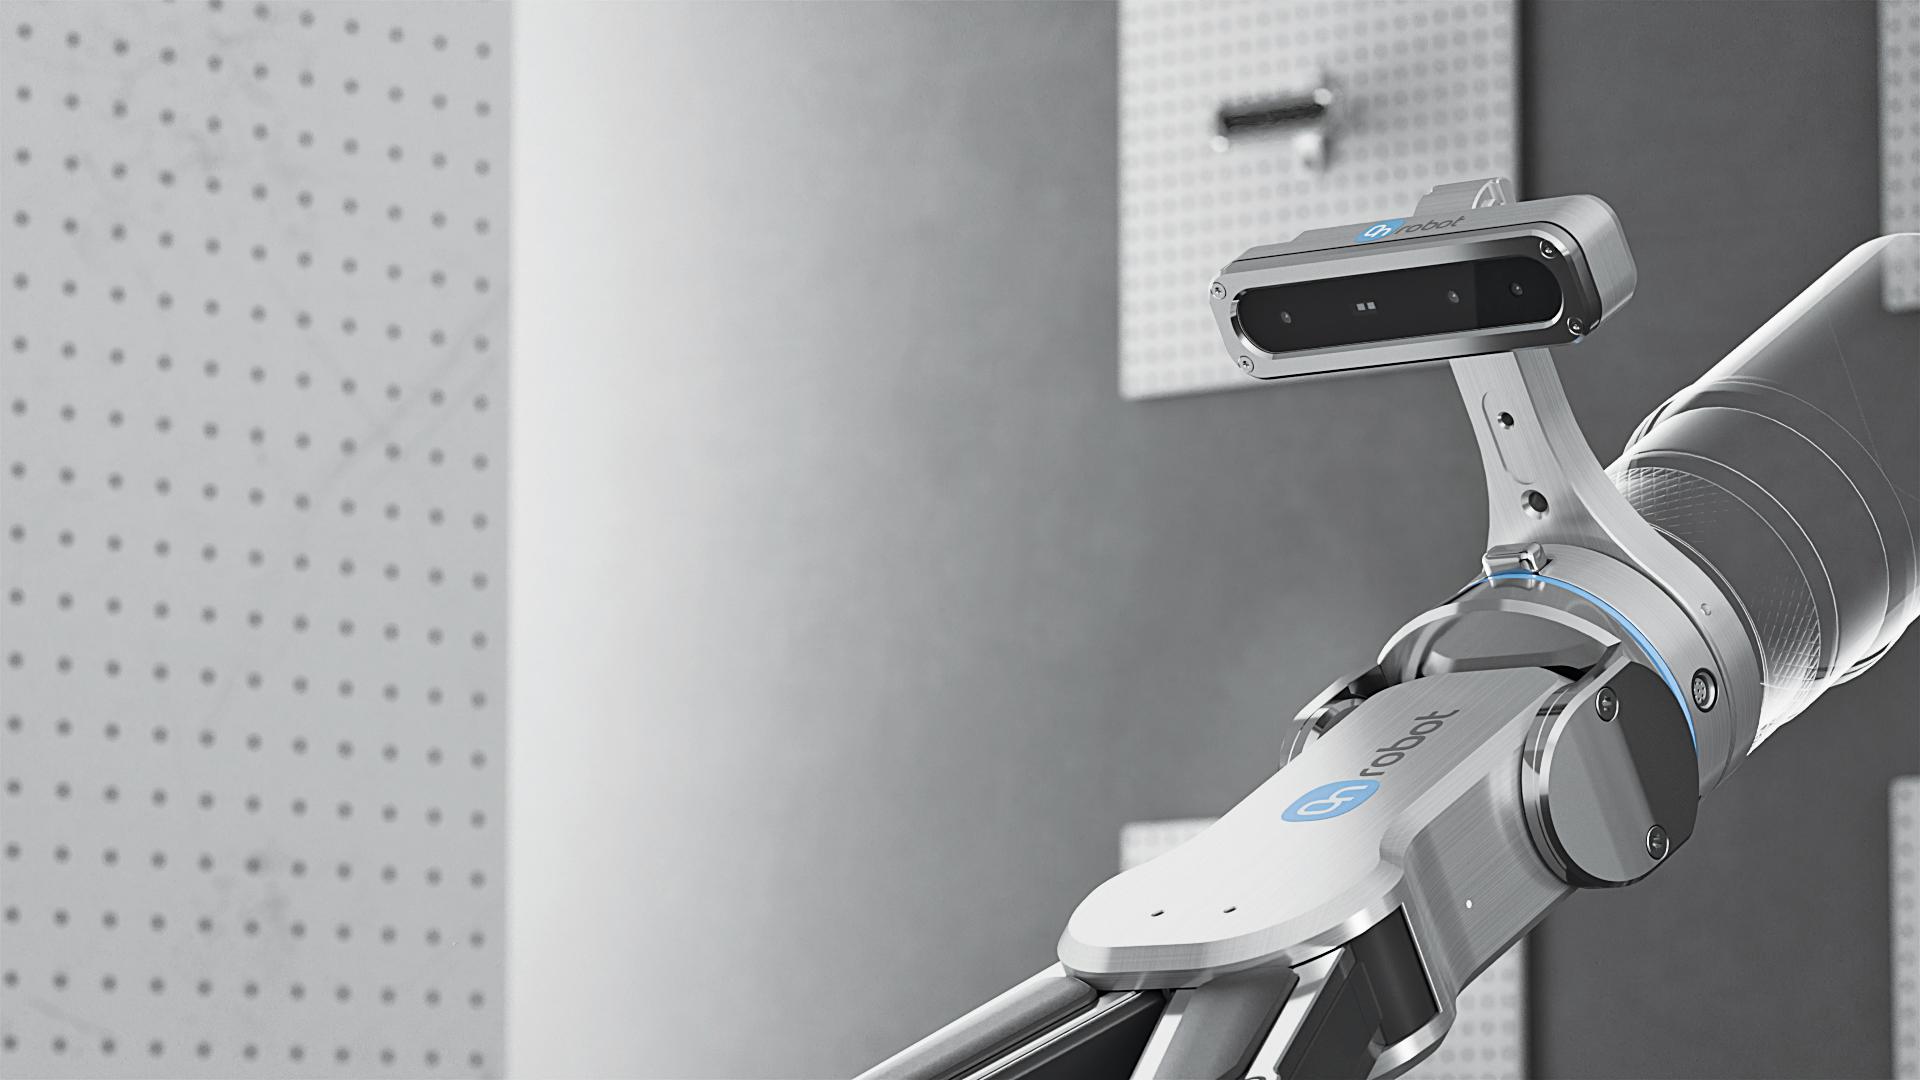 Vision 2,5 D robotique proposée par OnRobot